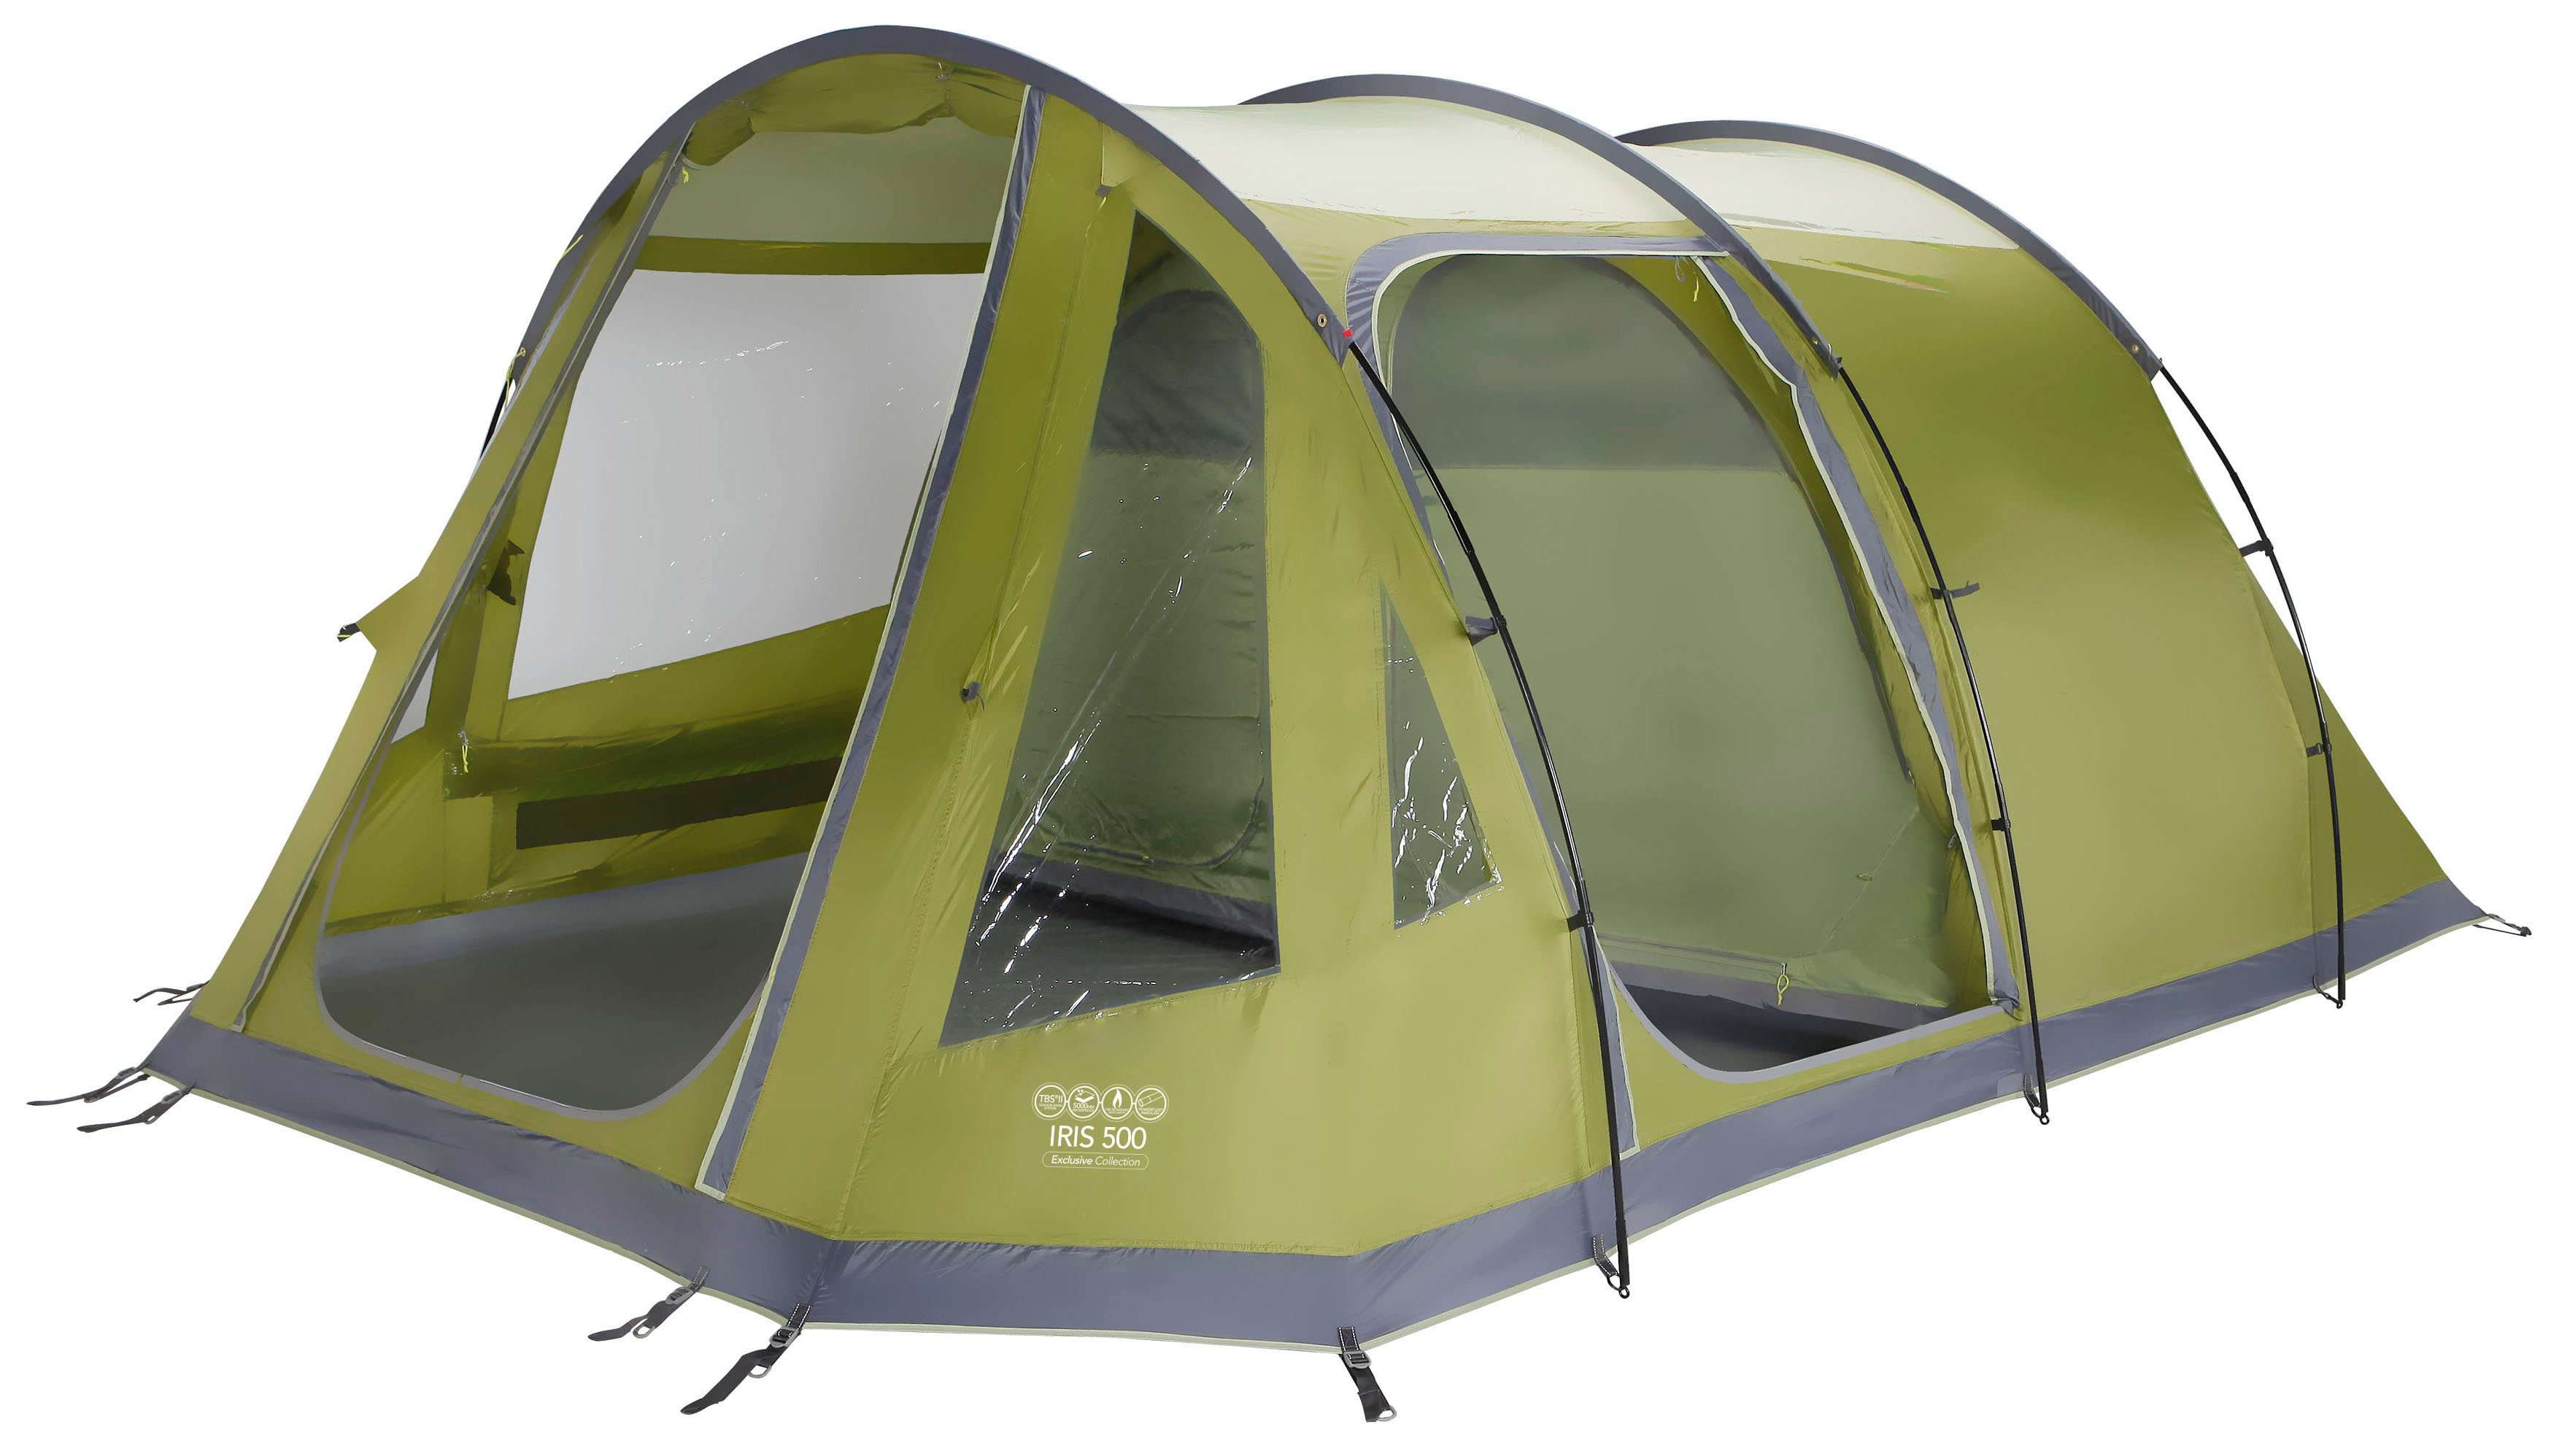 VANGO Iris 500 Family Tent